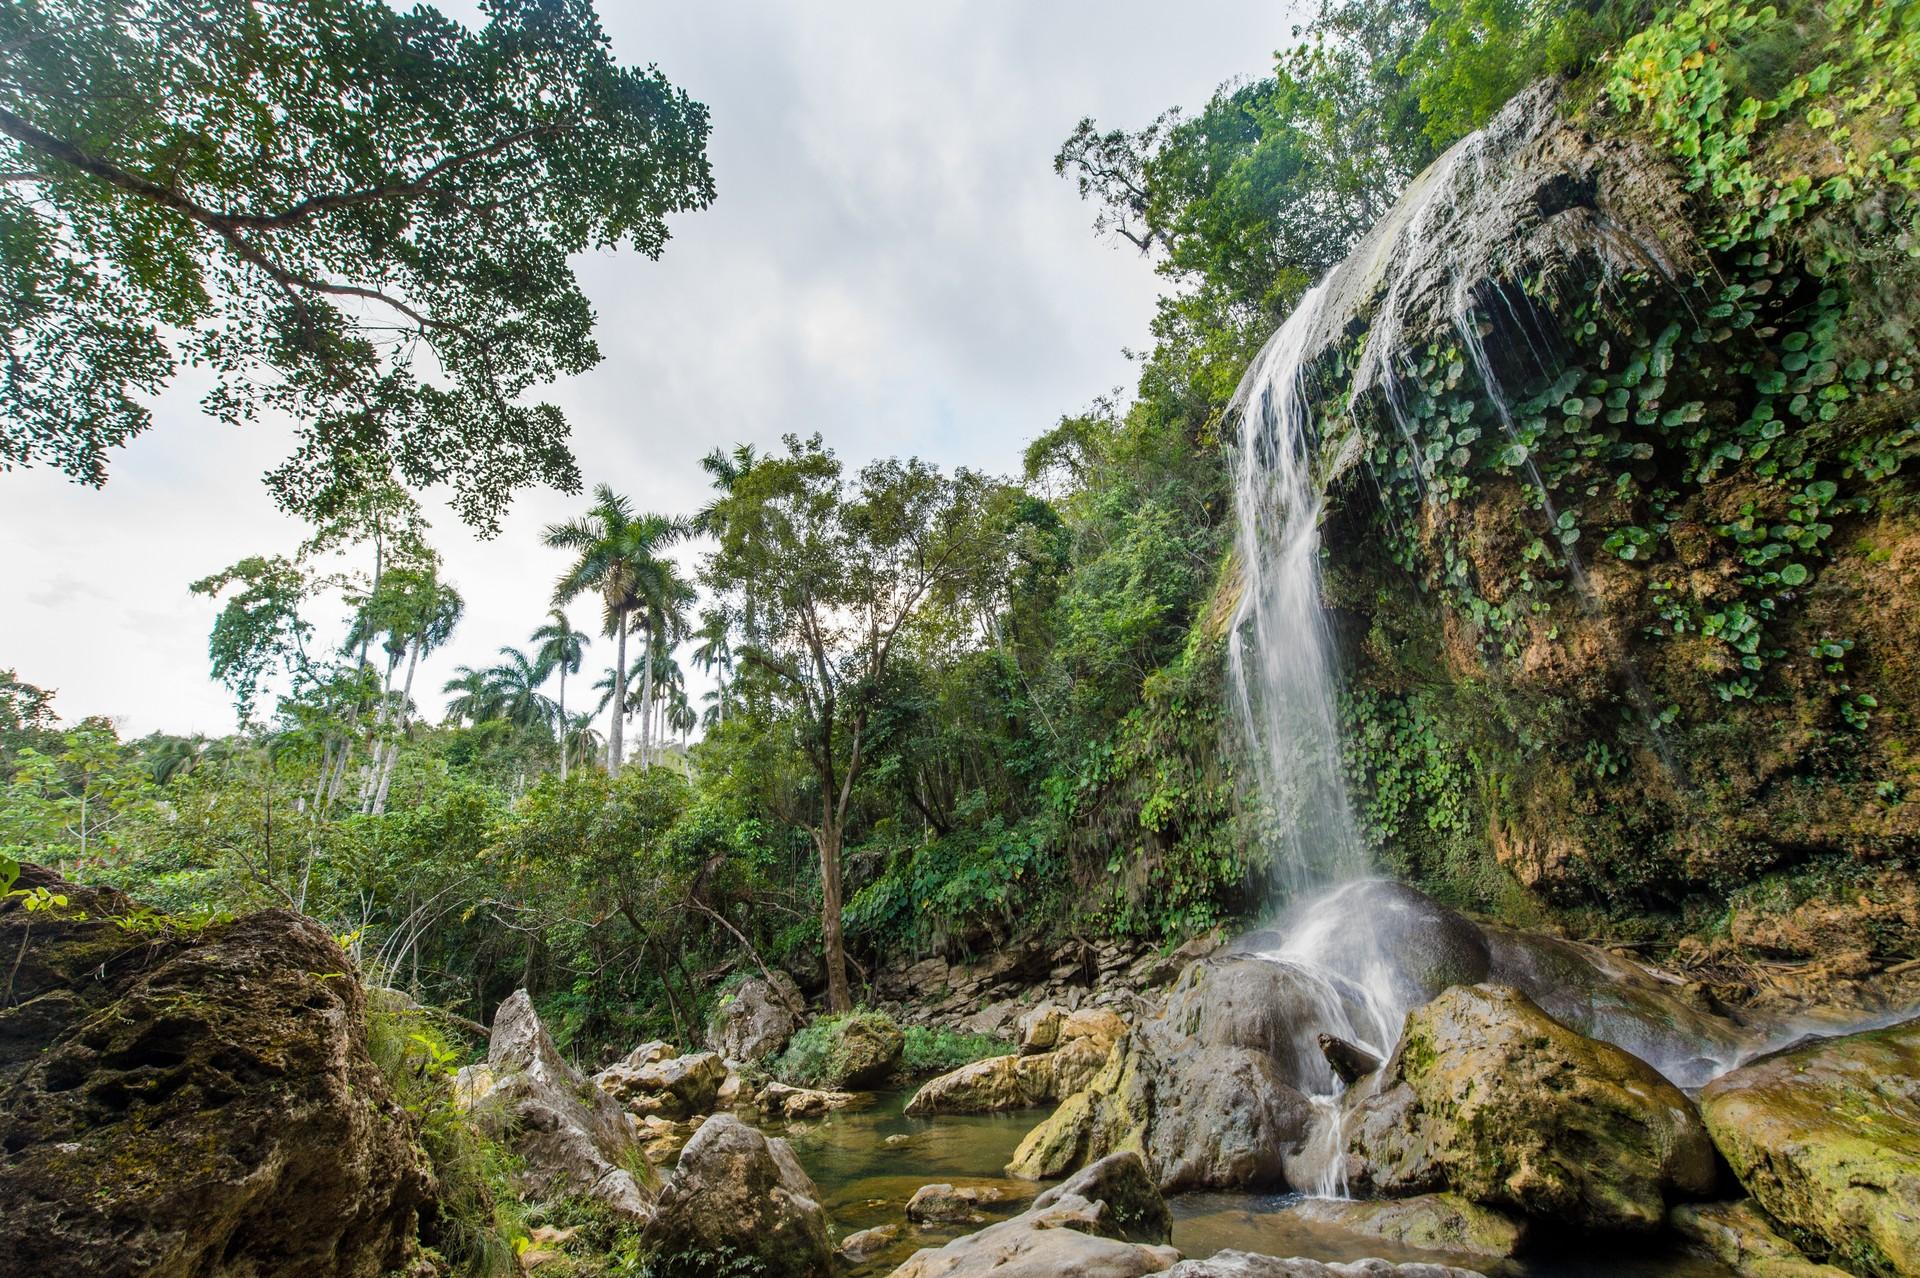 A waterfall in the Sierra del Rosario Biosphere Reserve